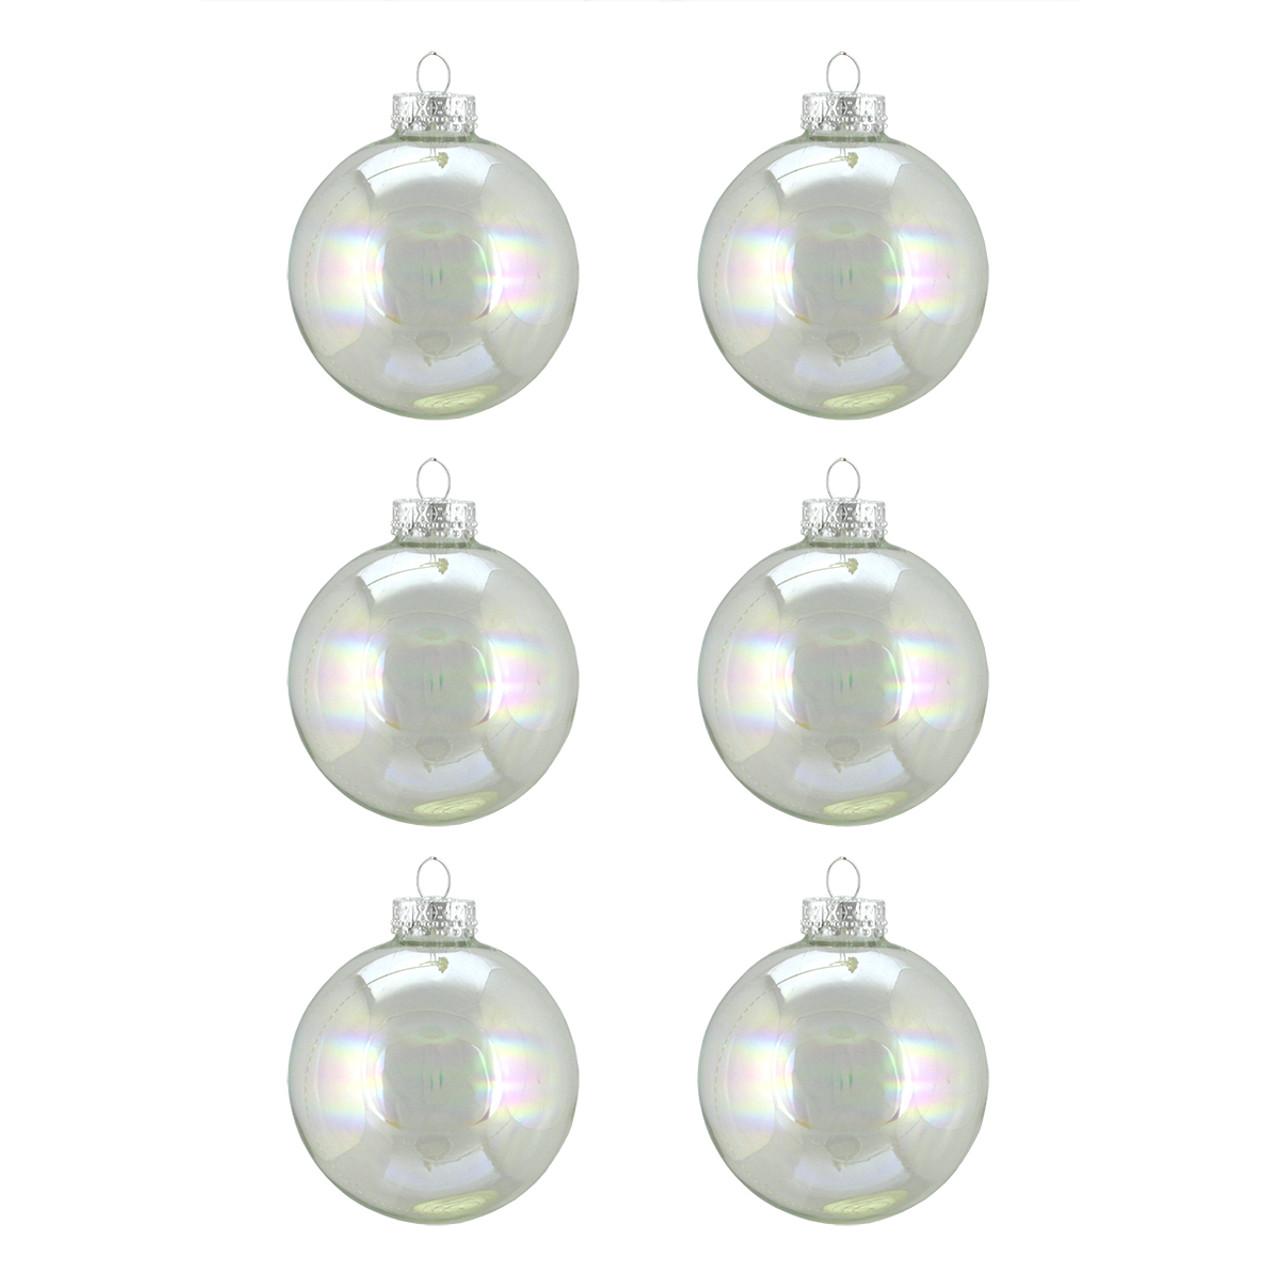 northlight - Iridescent Christmas Tree Decorations